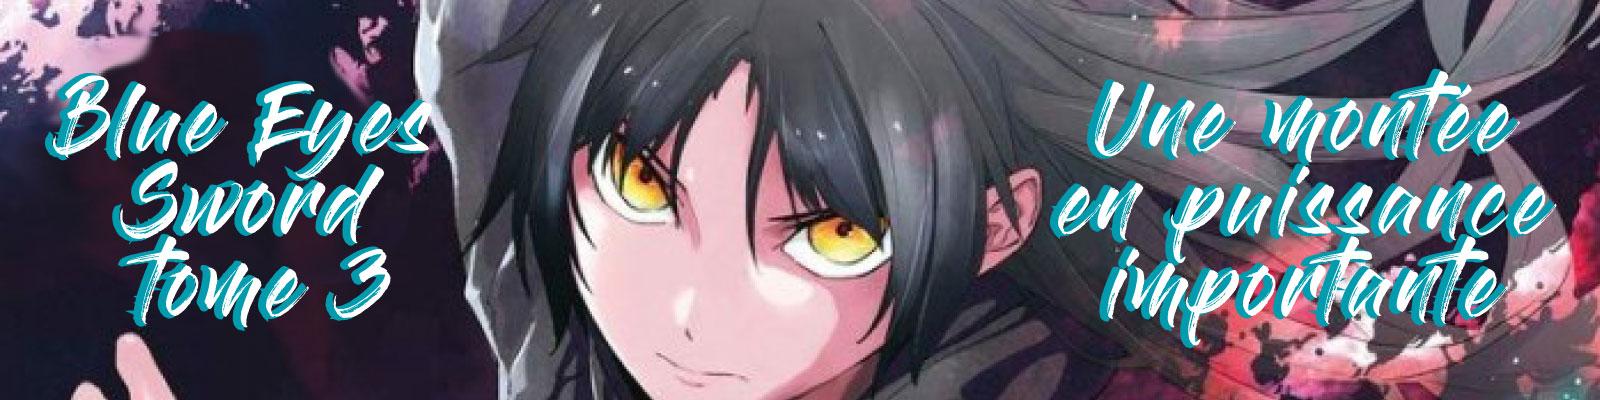 Blue Eyes Sword 3 2